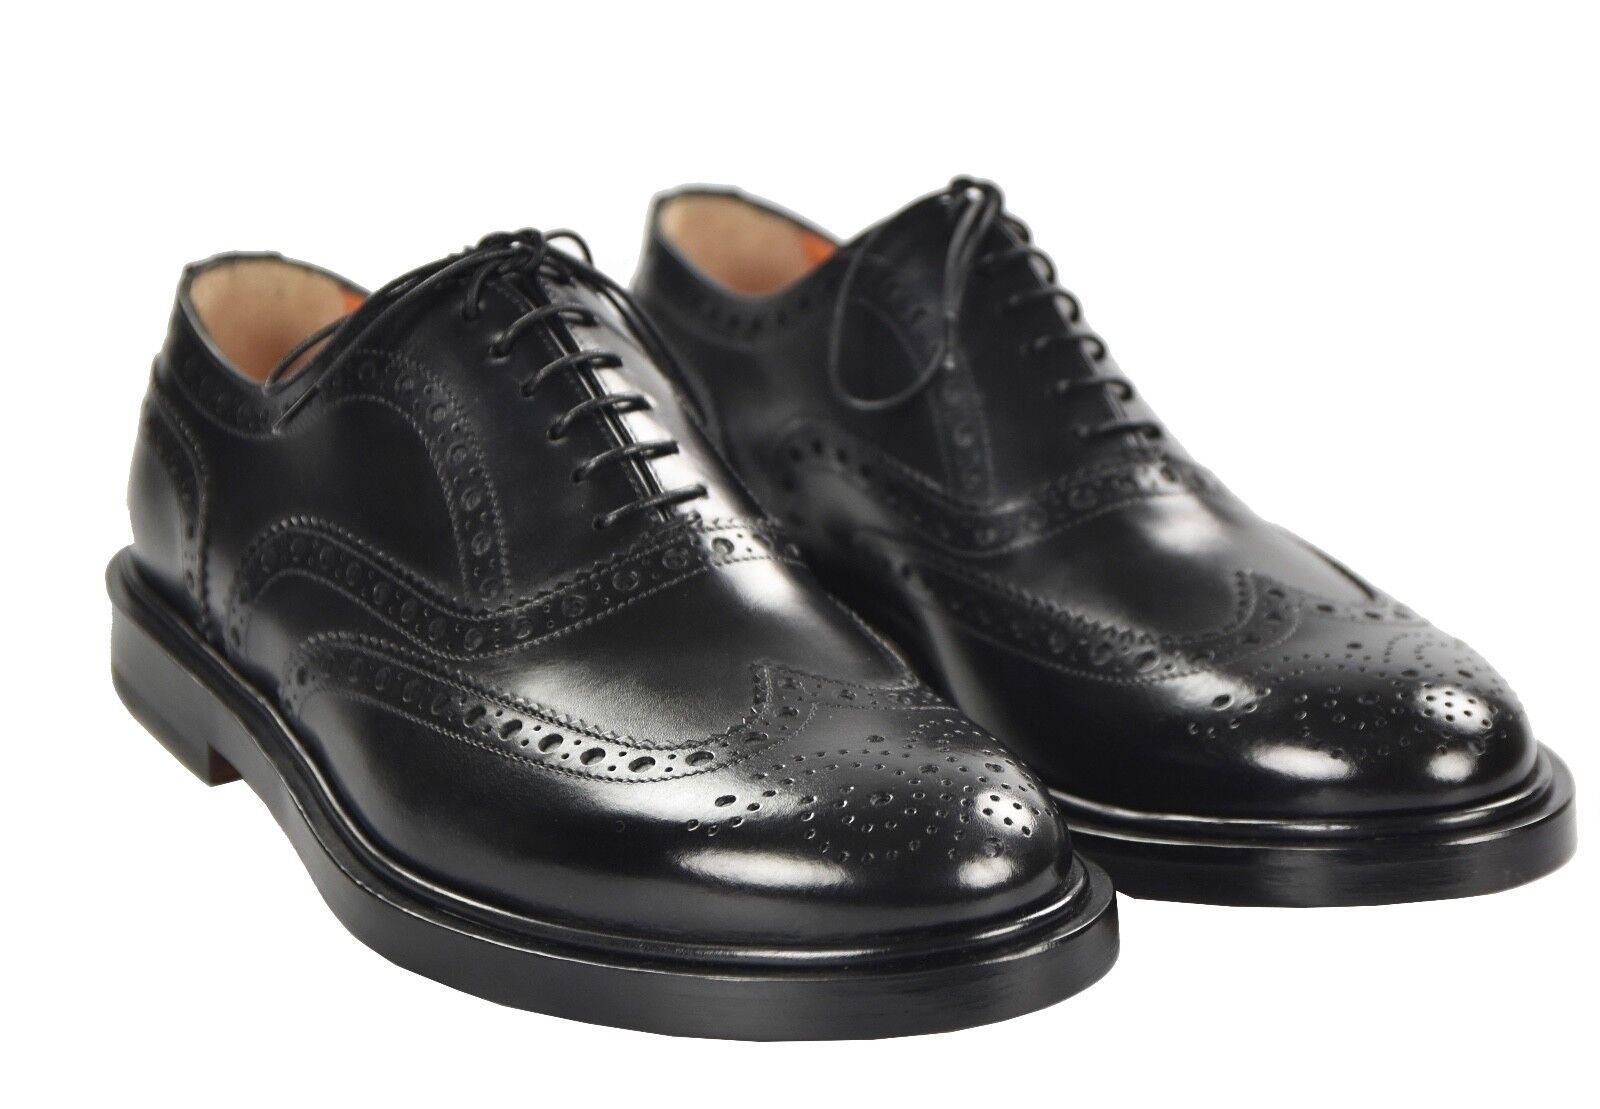 NEW 2018 SANTONI scarpe 100% LEATHER Dimensione 10.5 US 43.5 EU 18SANW4